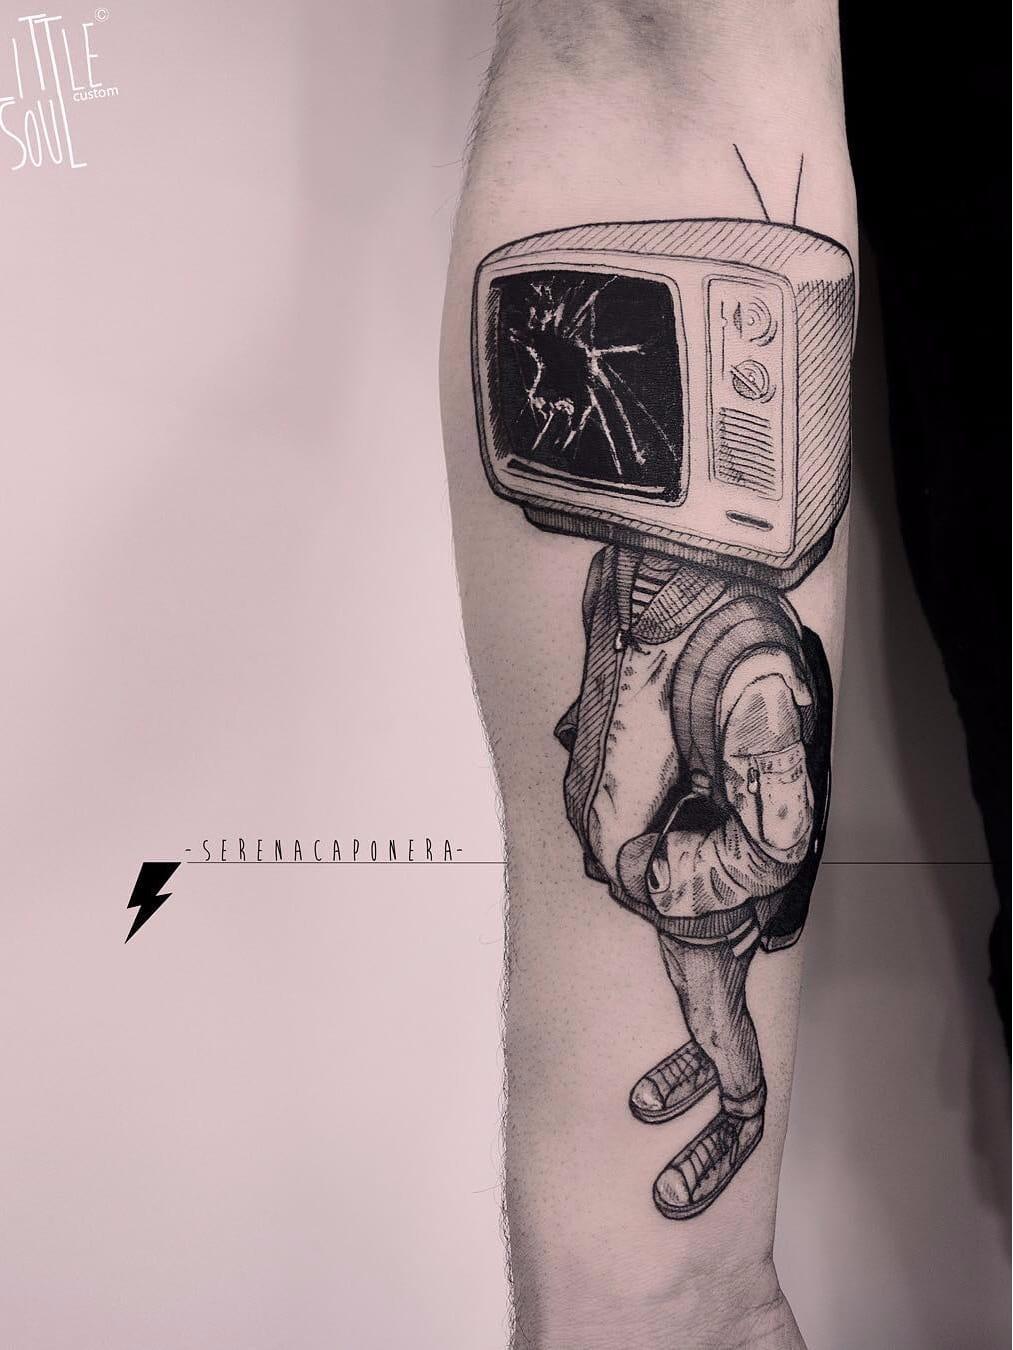 Viciado em TV? #SerenaCaponera #gringa #blackwork #grafico #graphic #vintage #boy #garoto #tv #television #colagem #collage